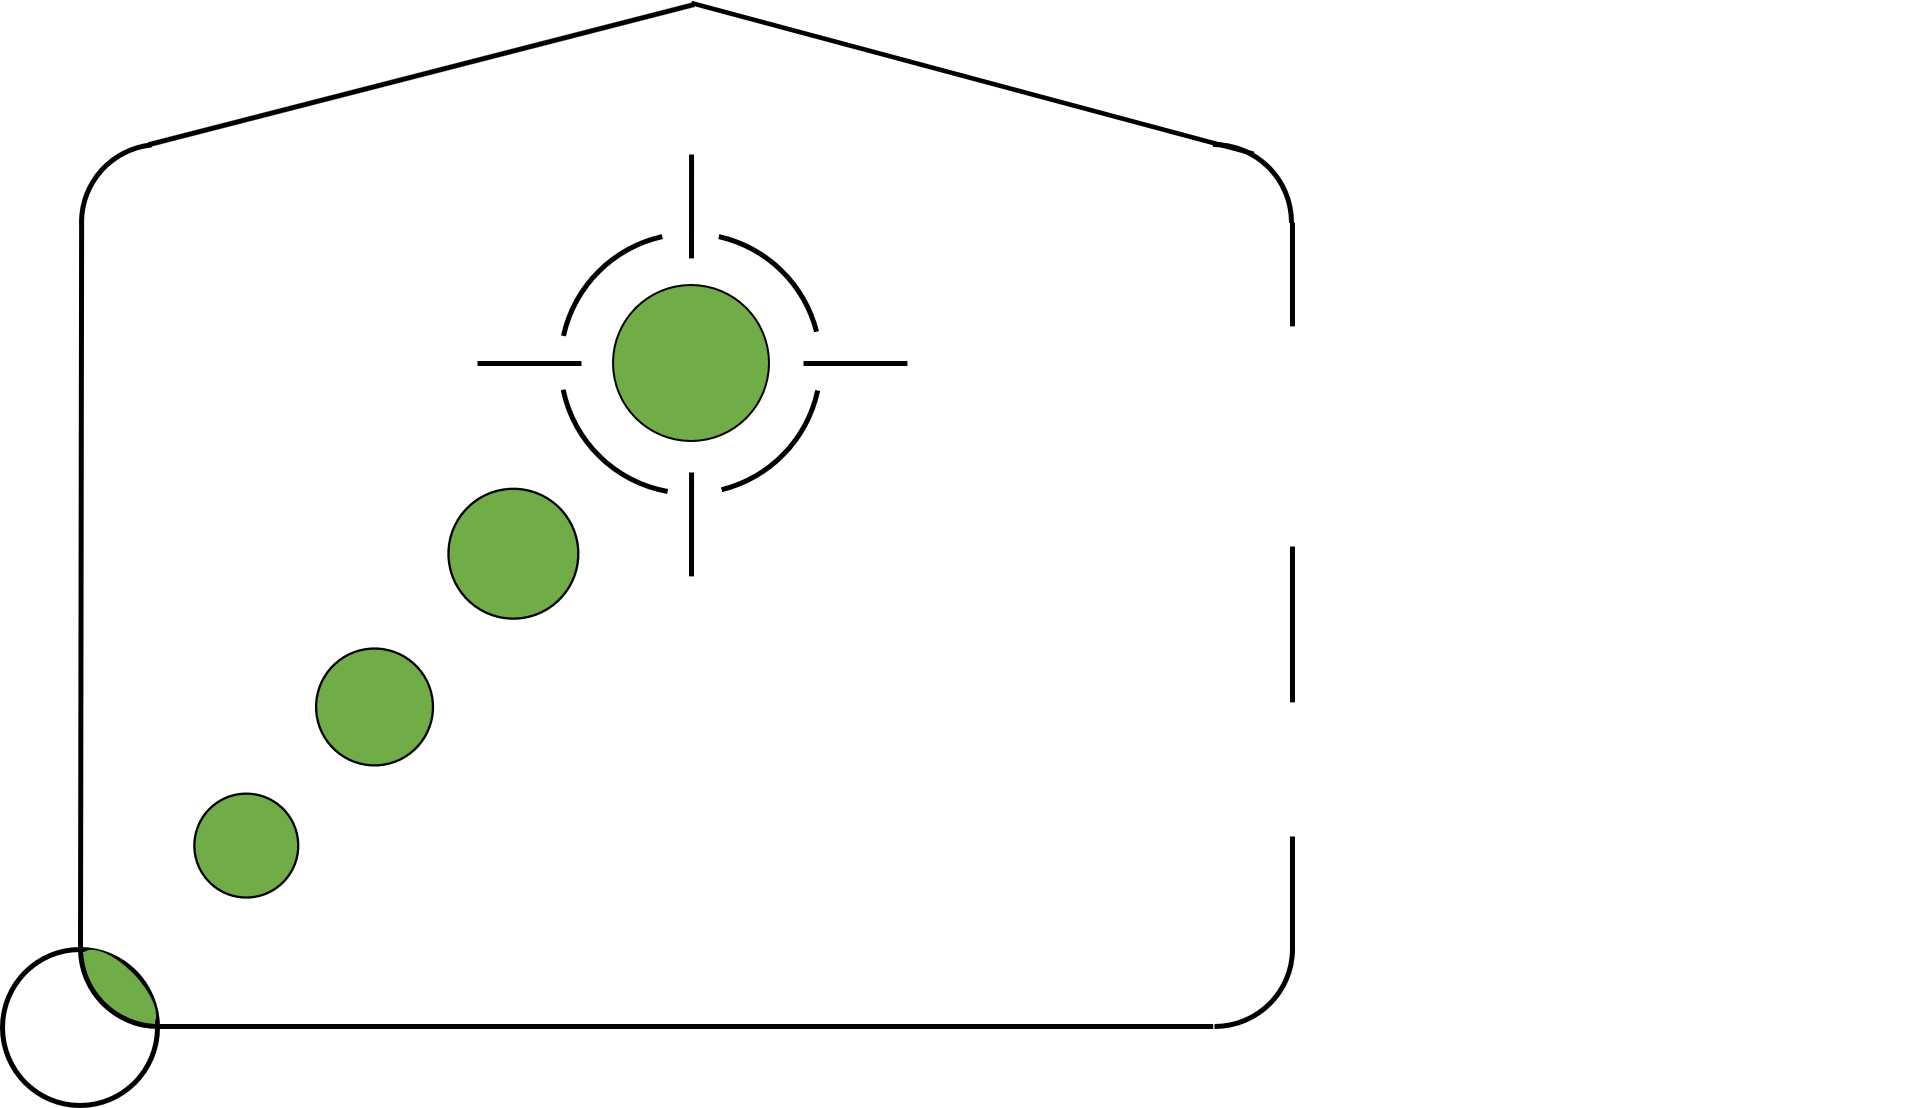 BusinessMotion für Einzelselbstständiger